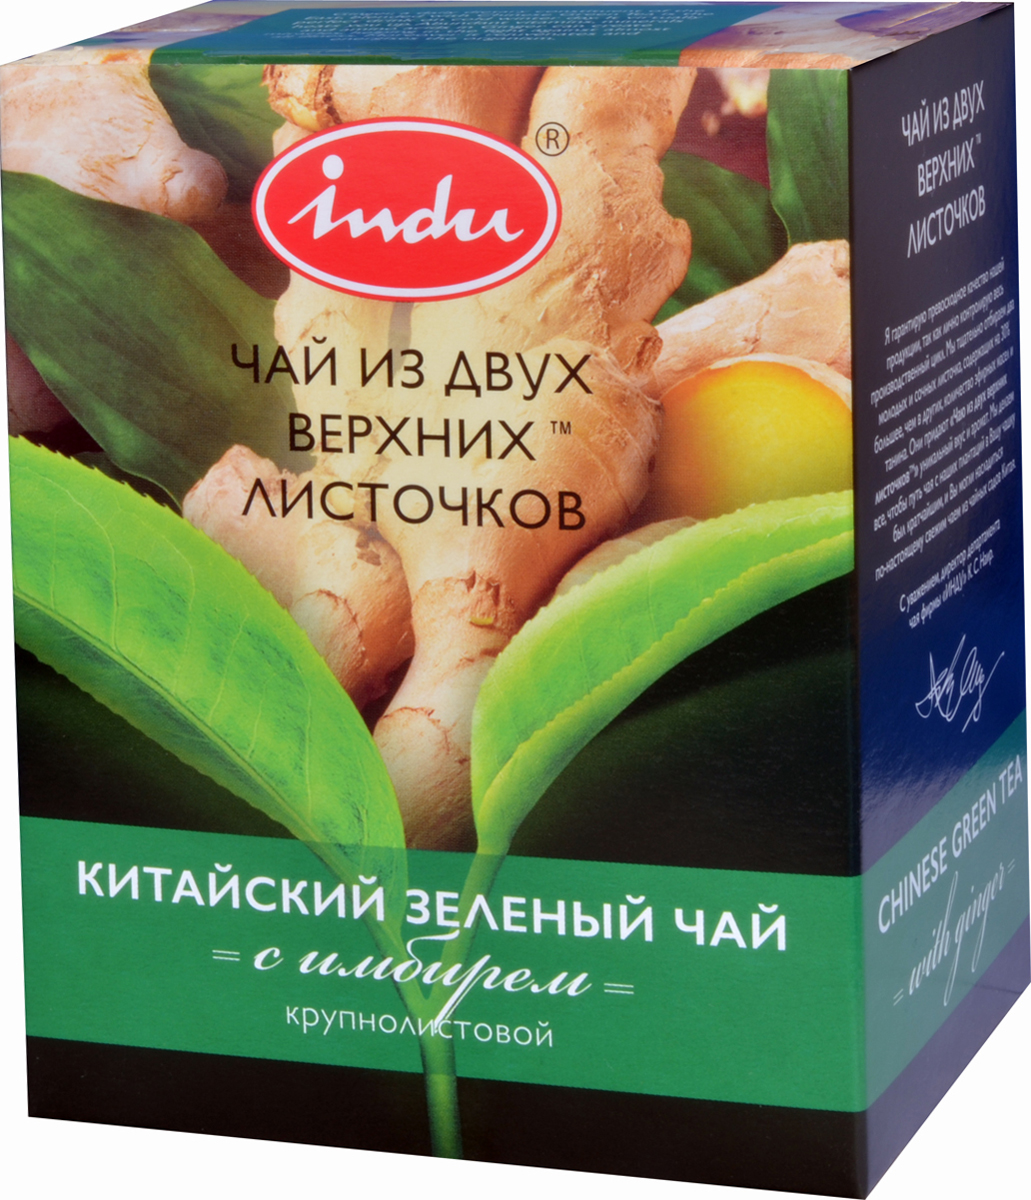 Indu Китайский зеленый листовой чай с имбирем, 90 г0120710Чай для зимней погоды. Имбирь, содержащийся в этом напитке буквально способен согреть вас. Являясь кладовой полезных минералов, витаминов и аминокислот, он творит чудеса, помогая чуть ли не от всех болезней холодной поры. А еще он помогает справиться с вялостью и усталостью.